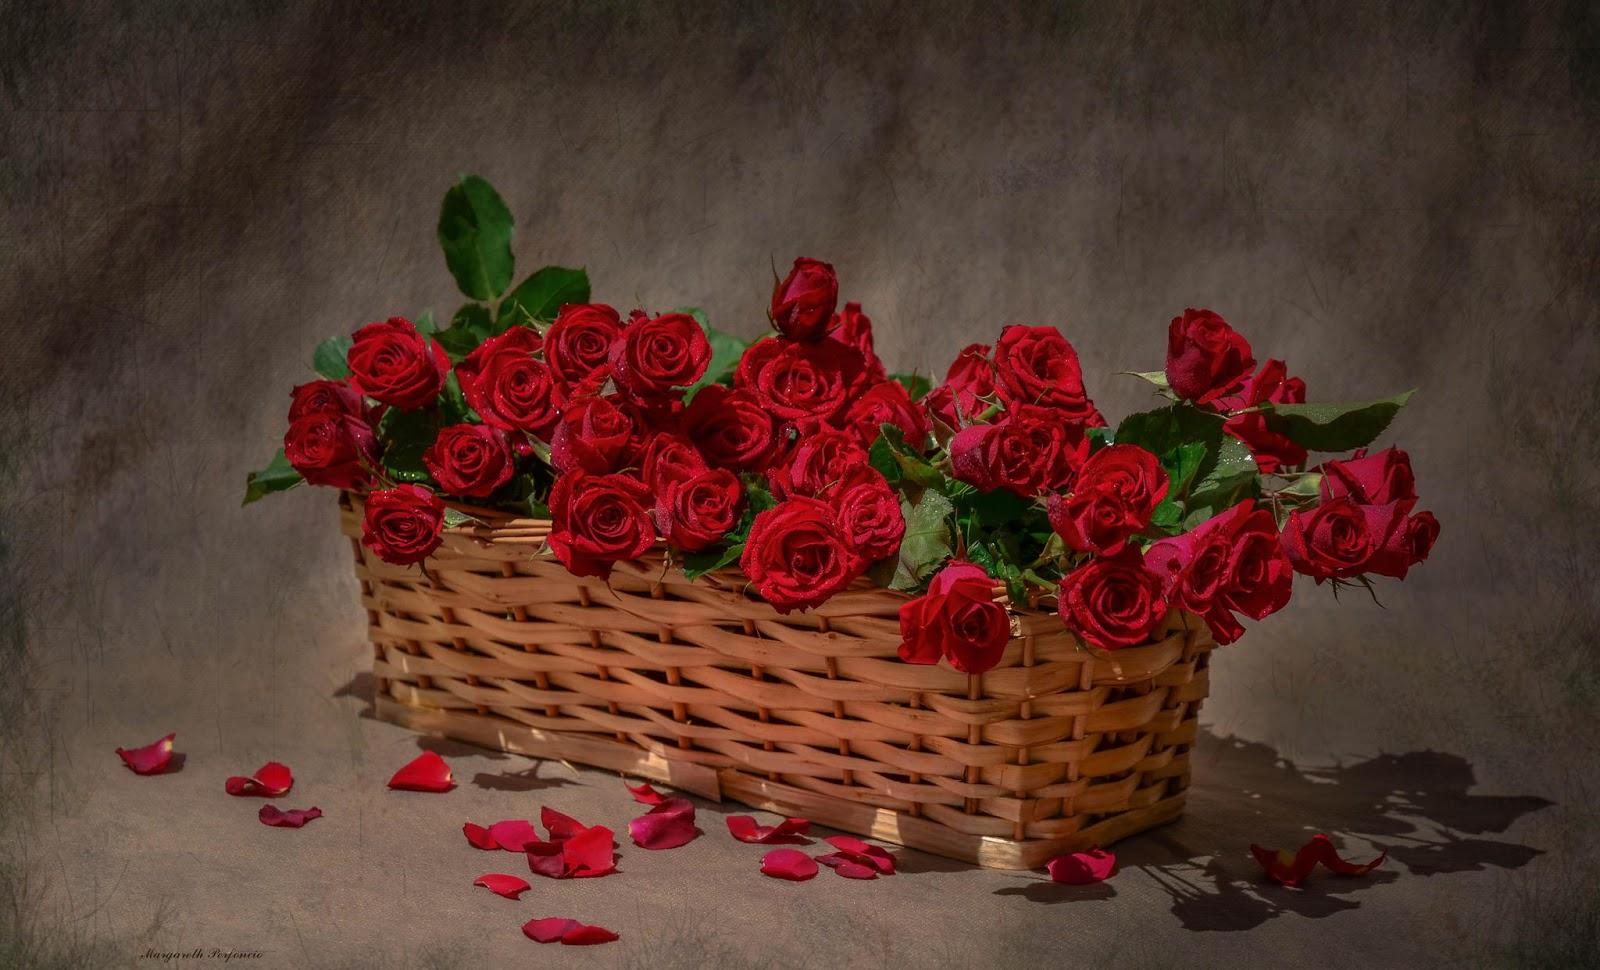 Y Arreglos De Febrero Para 14 Febrero De Madera El Del La Amistad Caja En 14 Dia Amor De